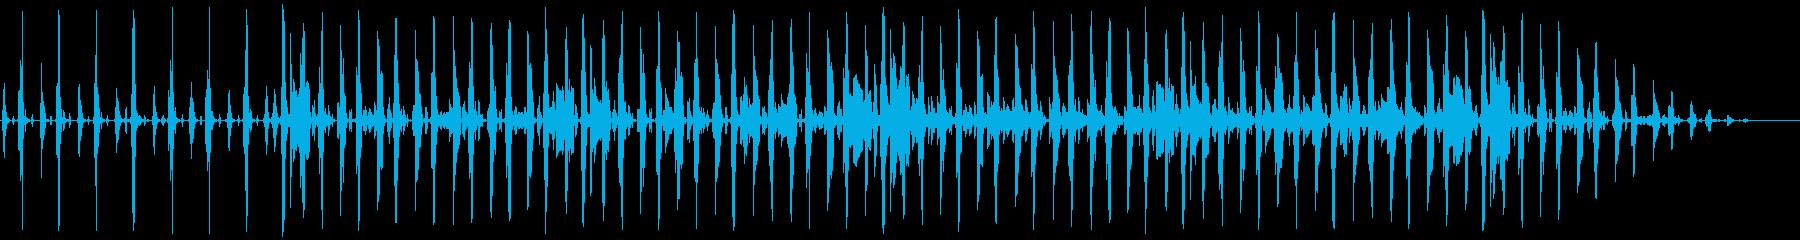 シャッフルビートのネオソウルR&Bの再生済みの波形